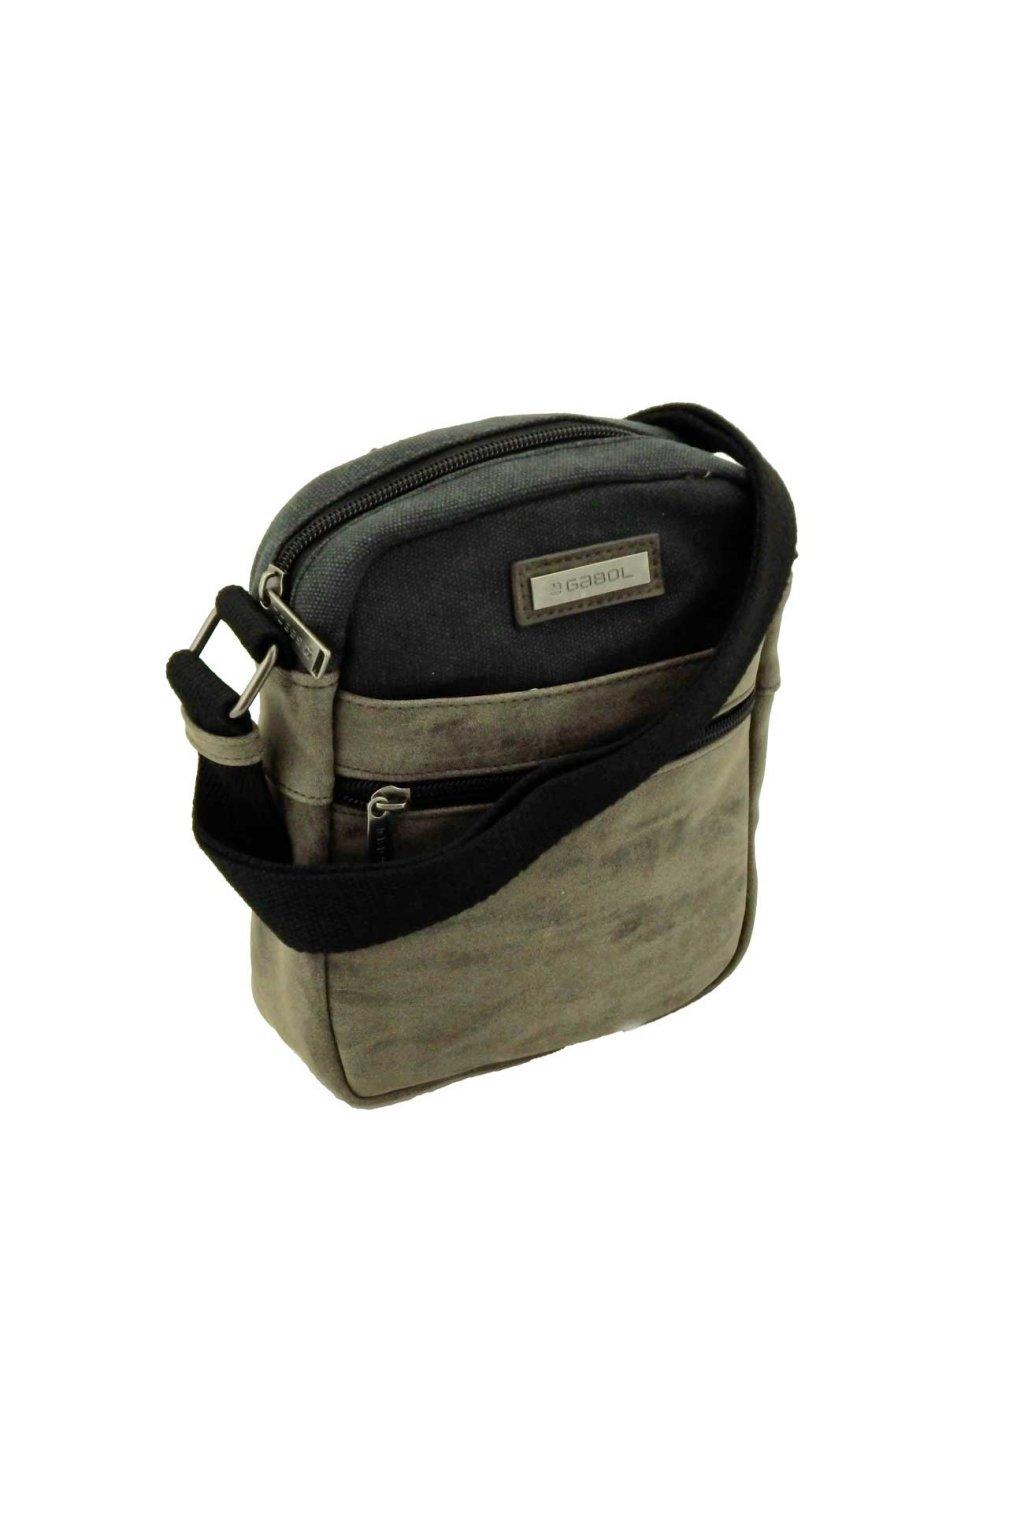 pánská taška přes rameno malá černakhaki PK070 528002